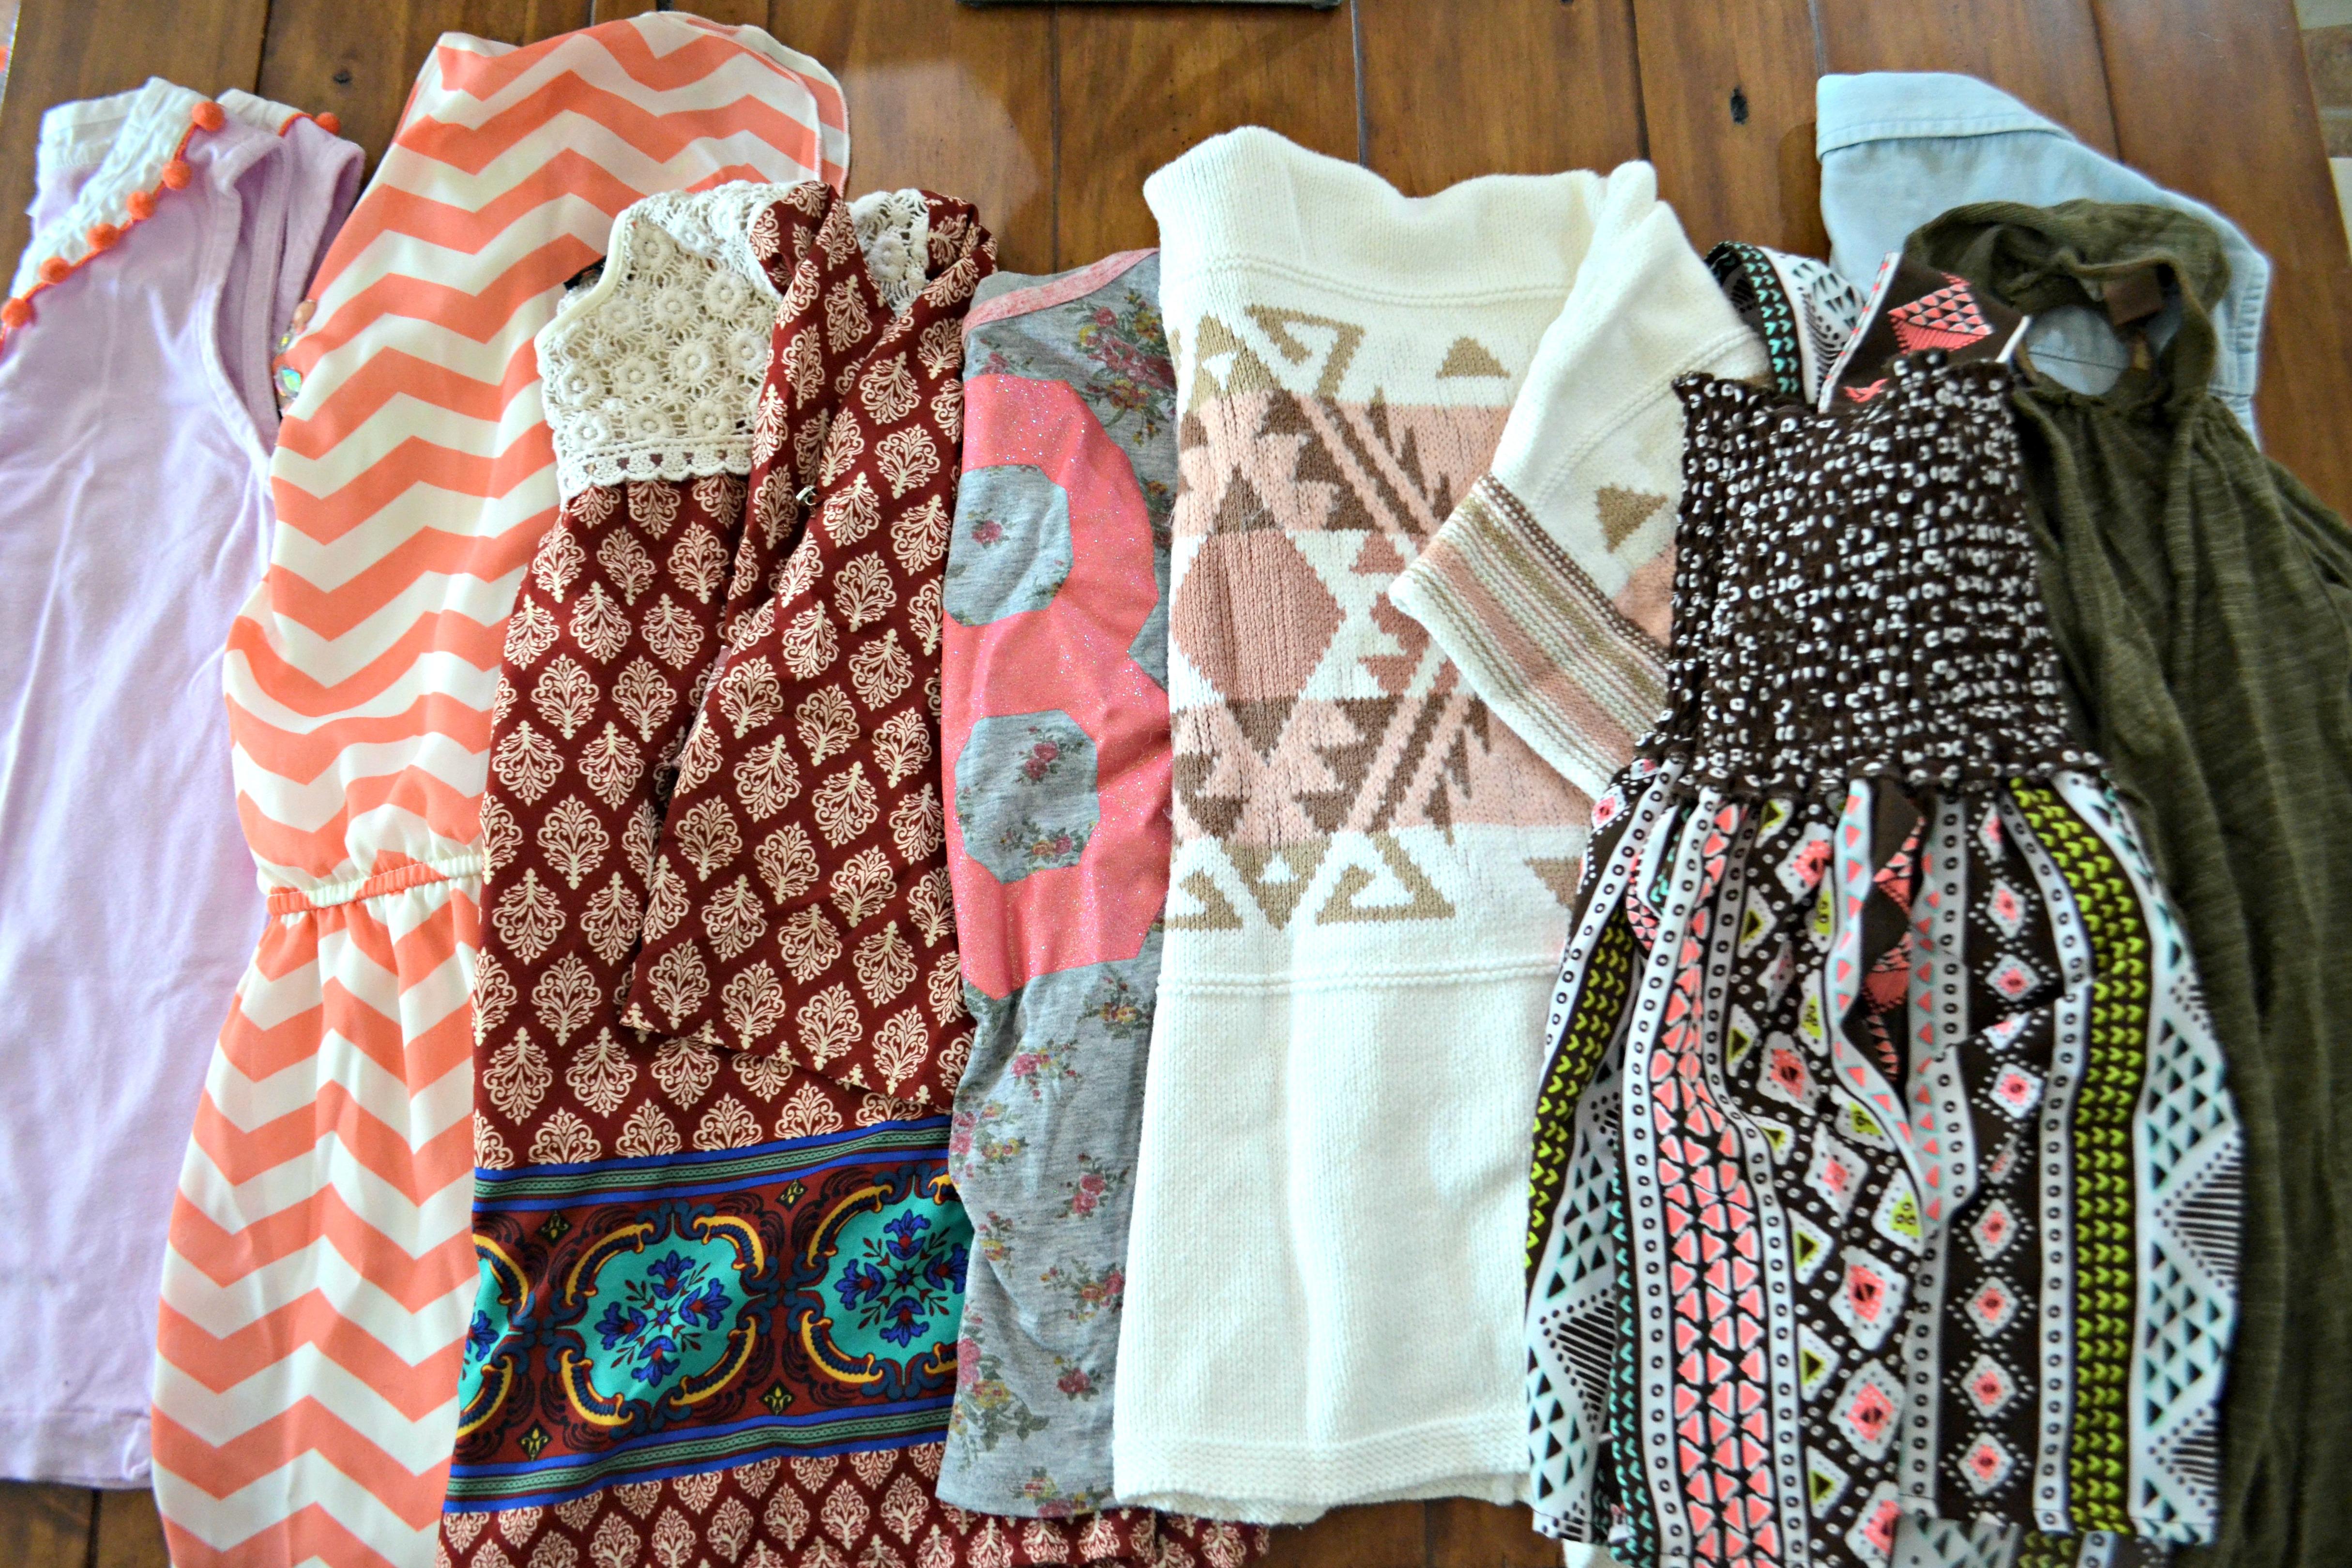 girls' clothing neatly folded